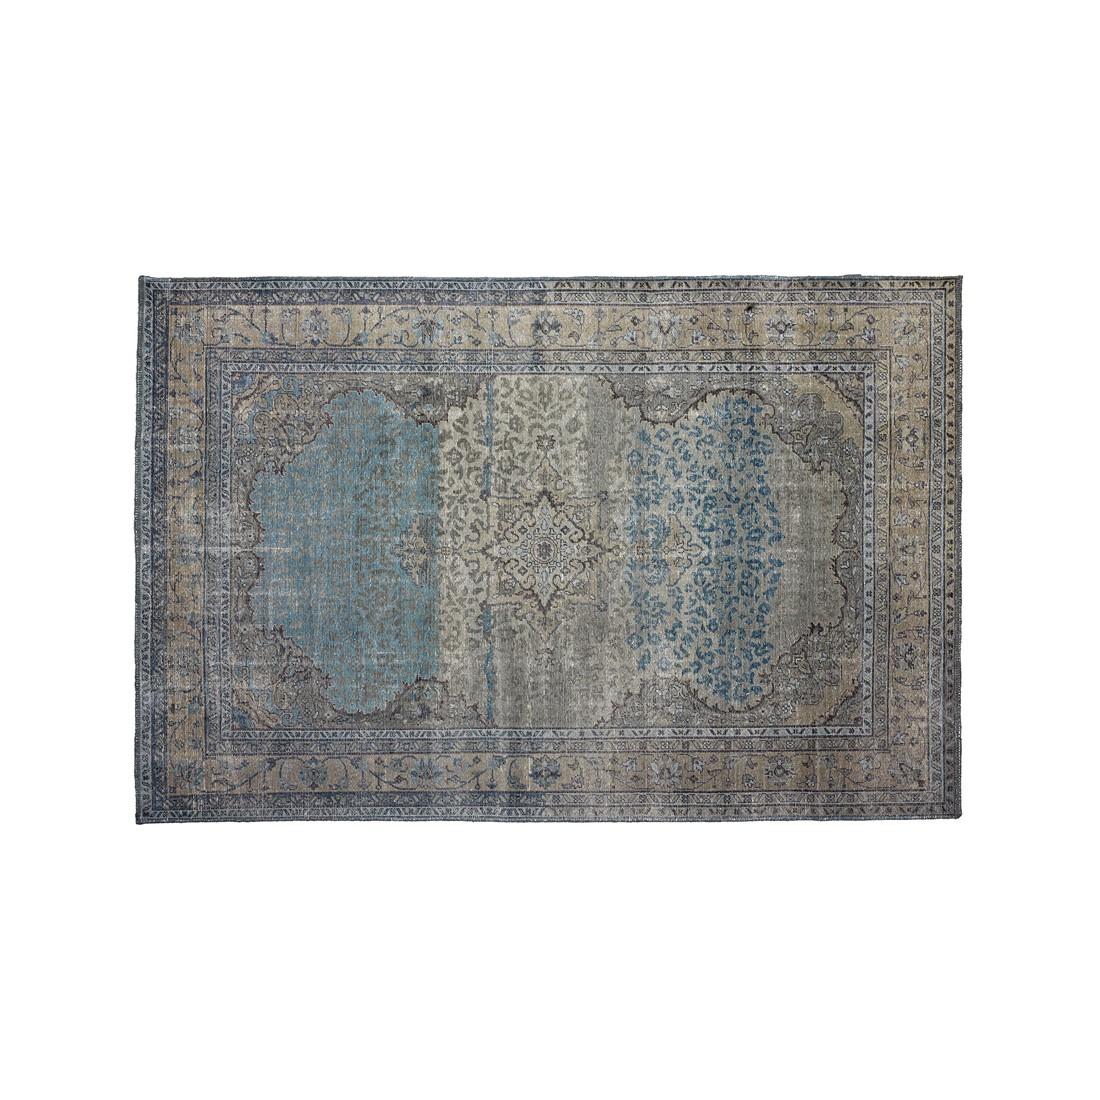 Teppich Amol - Wolle - Blau/Grau - 300 x 200, ikarus